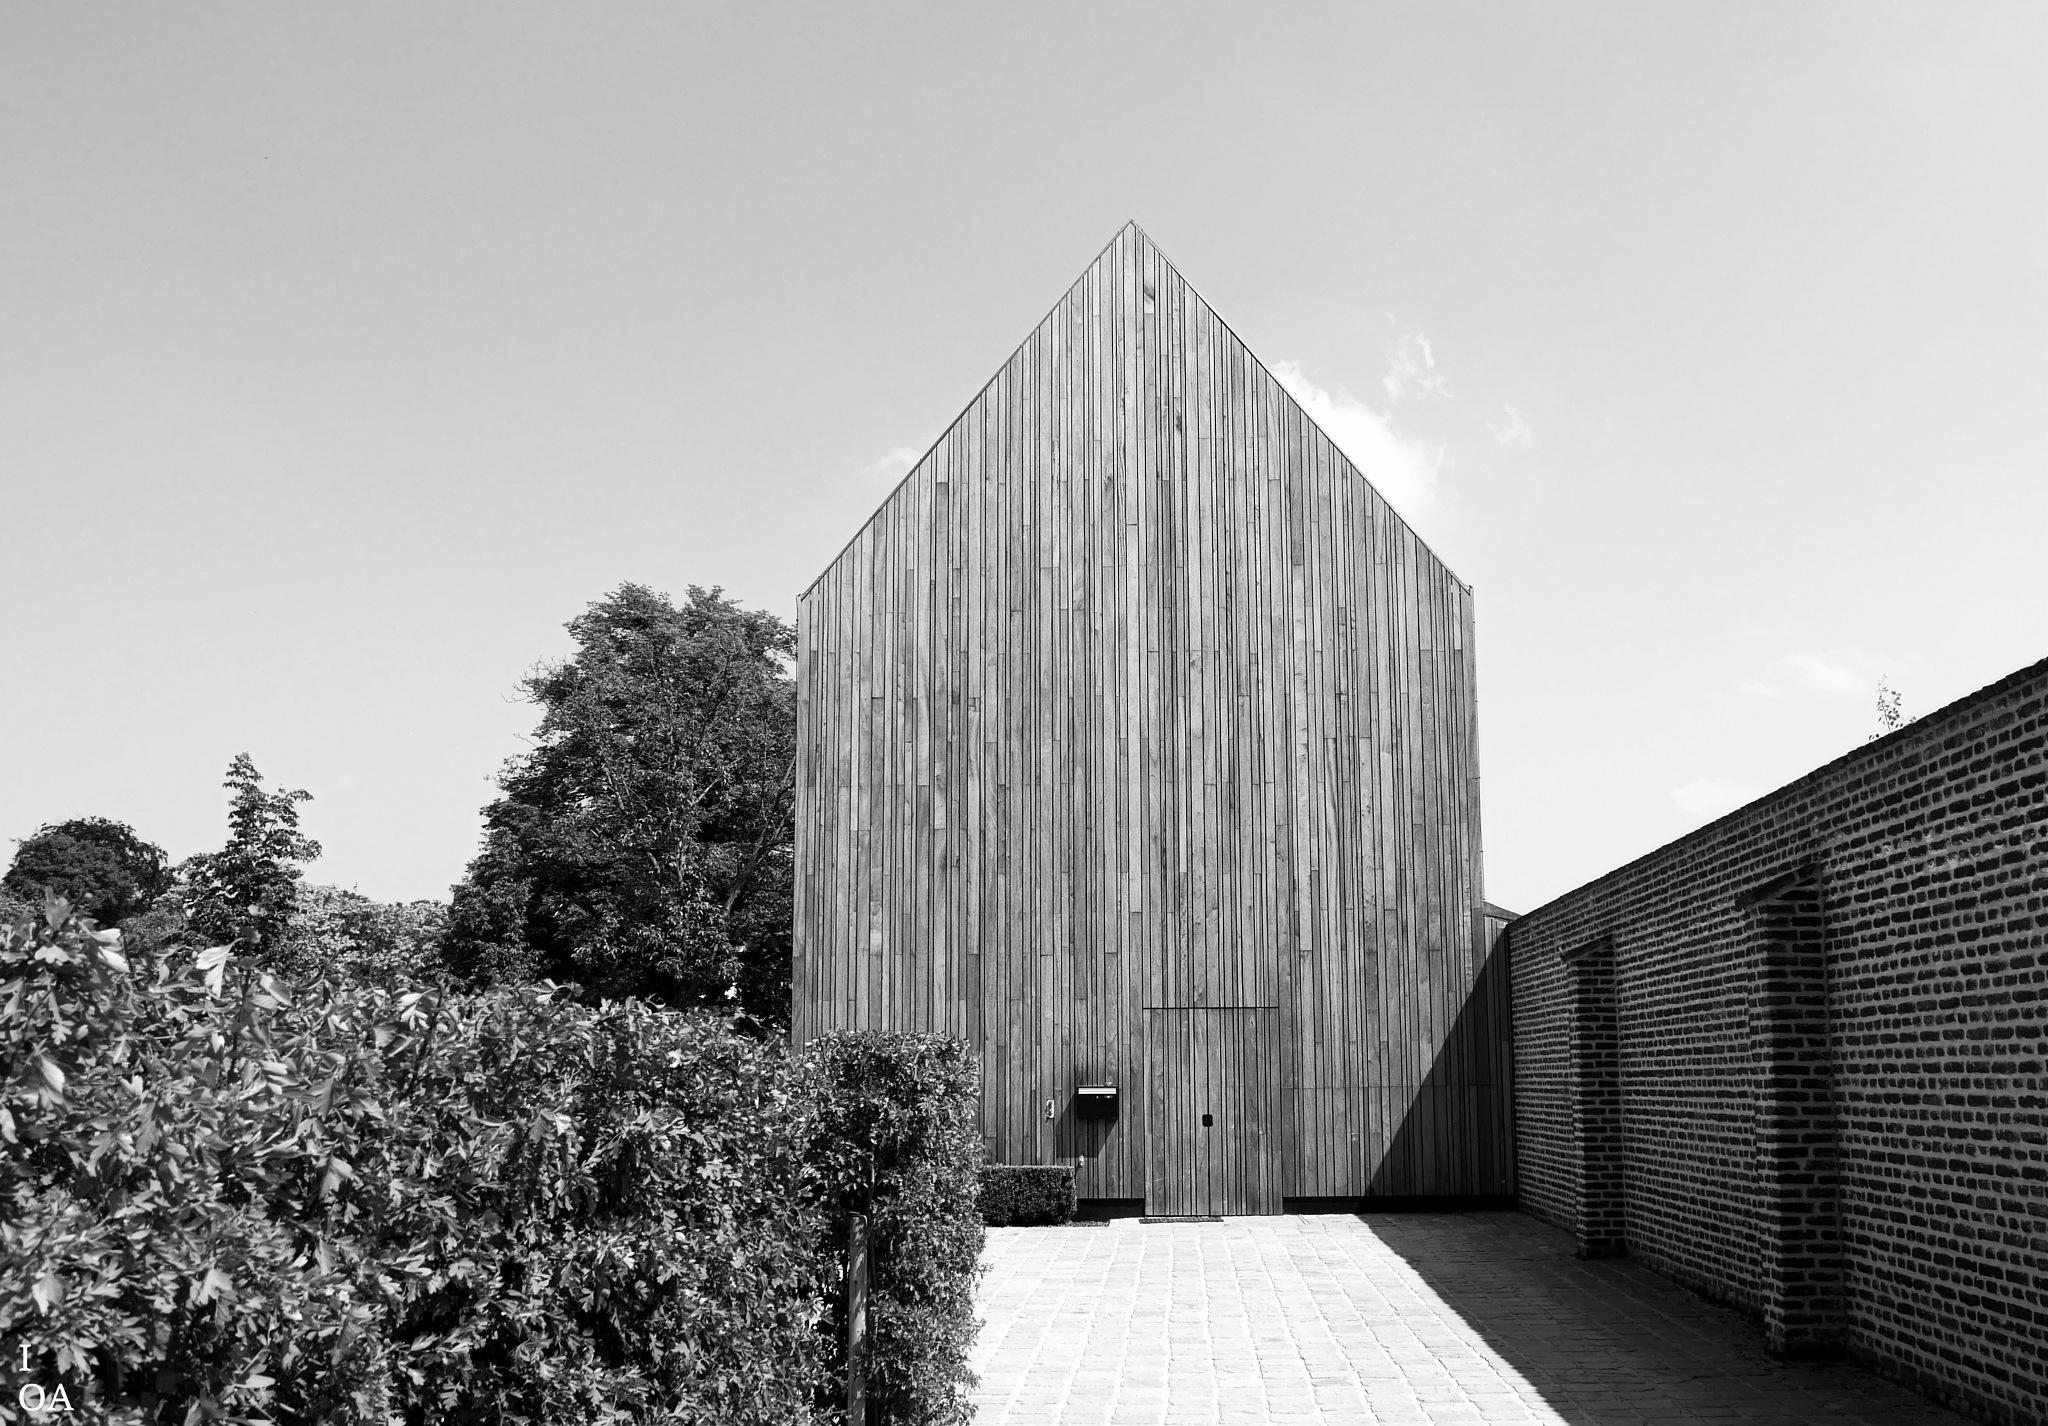 Building in B&W by imageofantwerp